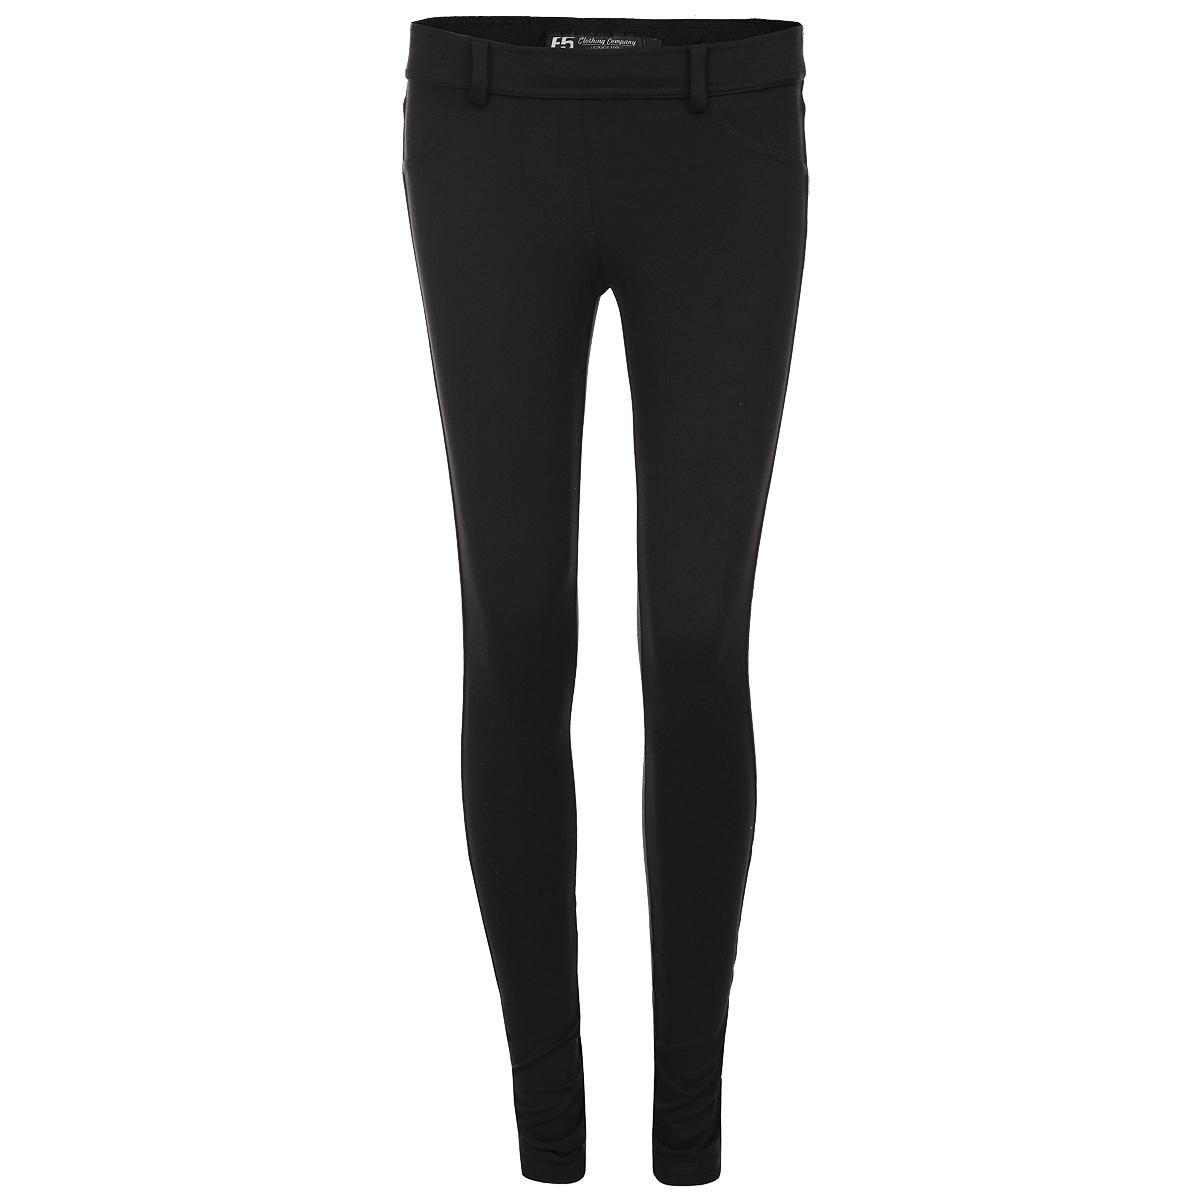 Брюки19195Модные женские брюки F5 изготовлены из плотного трикотажного материала. Брюки облегающего кроя на талии имеют широкую эластичную резинку и имитацию ширинки. На поясе предусмотрены шлевки для ремня. Такая модель выгодно подчеркнет достоинства вашей фигуры. Спереди брюки оформлены имитацией втачных карманов, сзади - двумя накладными карманами. Стильные брюки послужат отличным дополнением к вашему гардеробу, в них вы будете чувствовать себя комфортно и уютно.